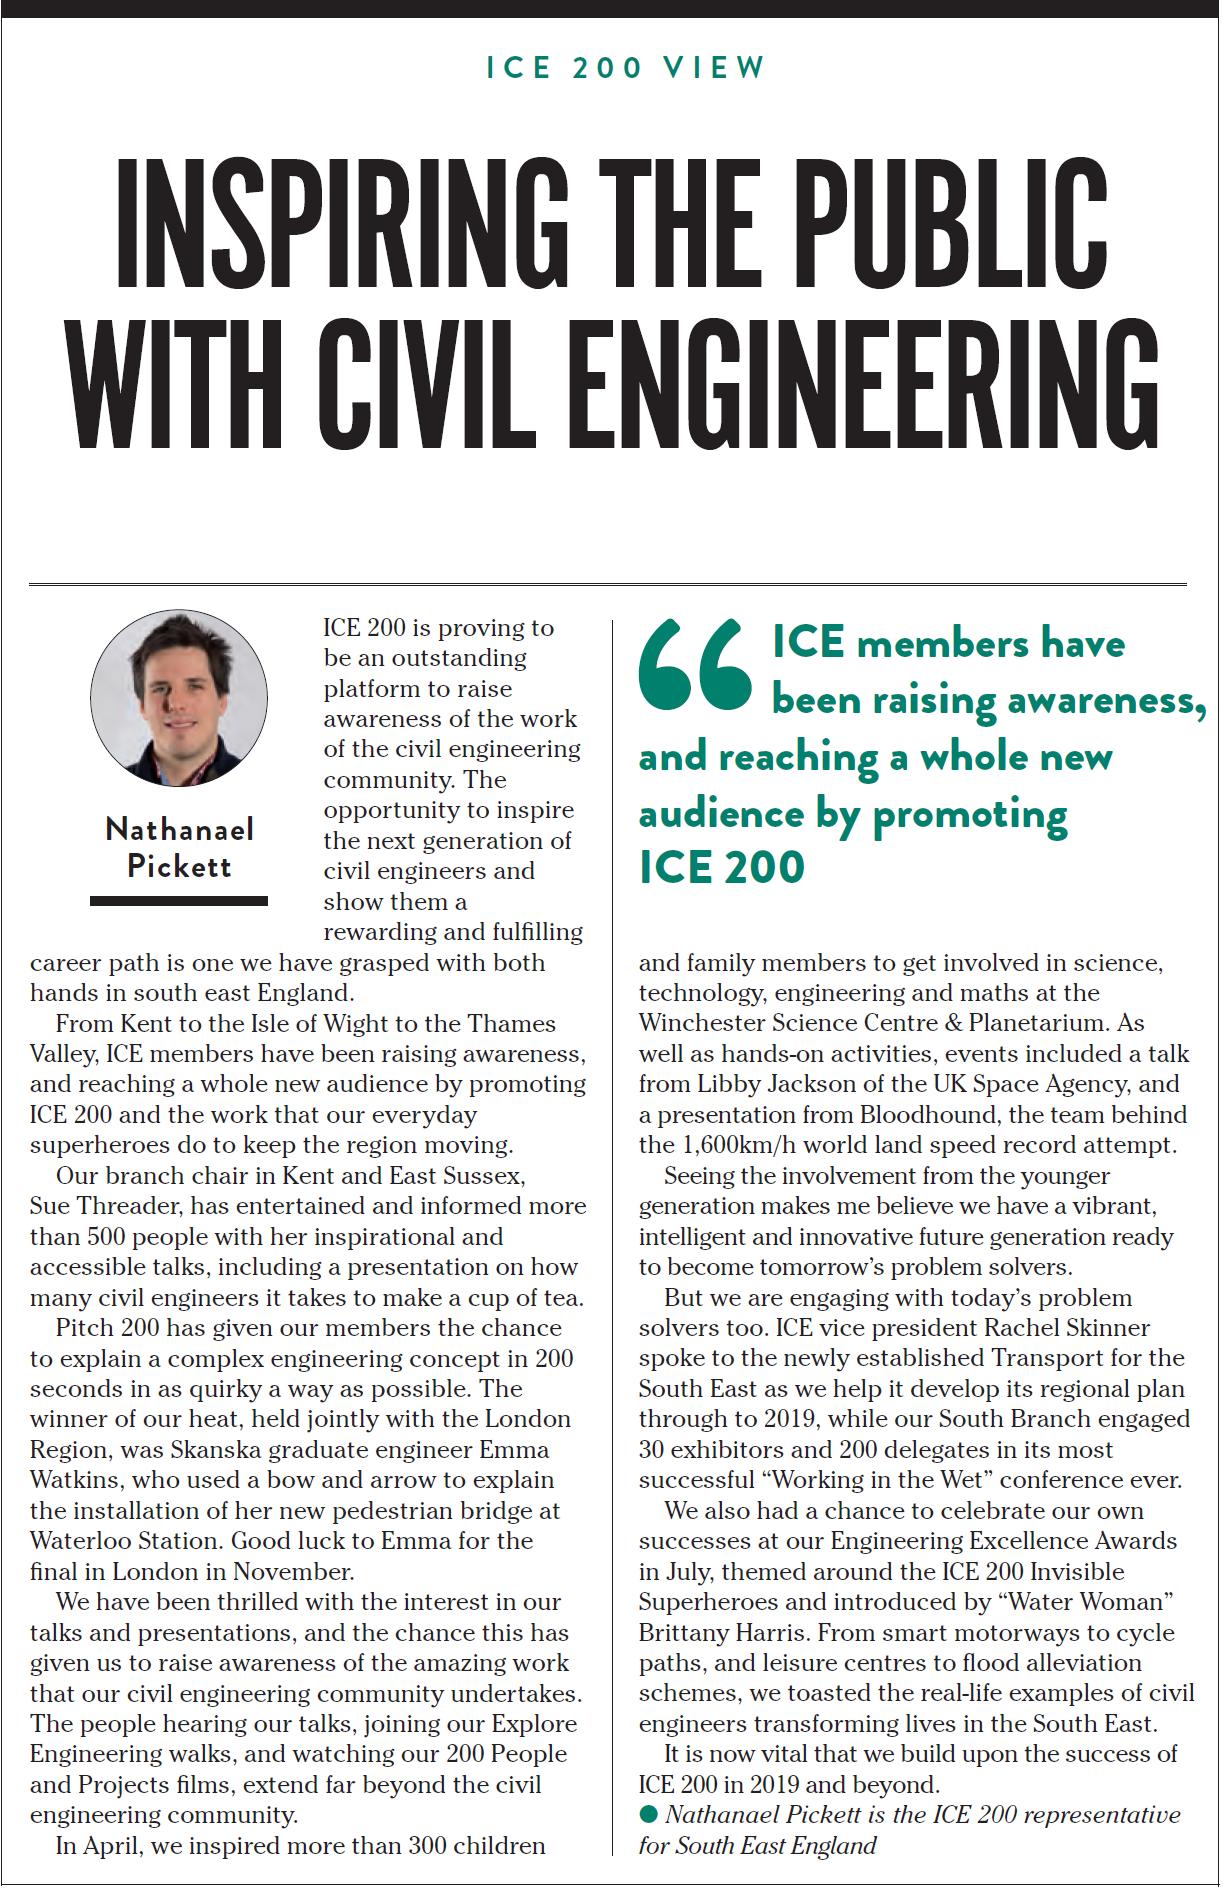 ICE 200 View